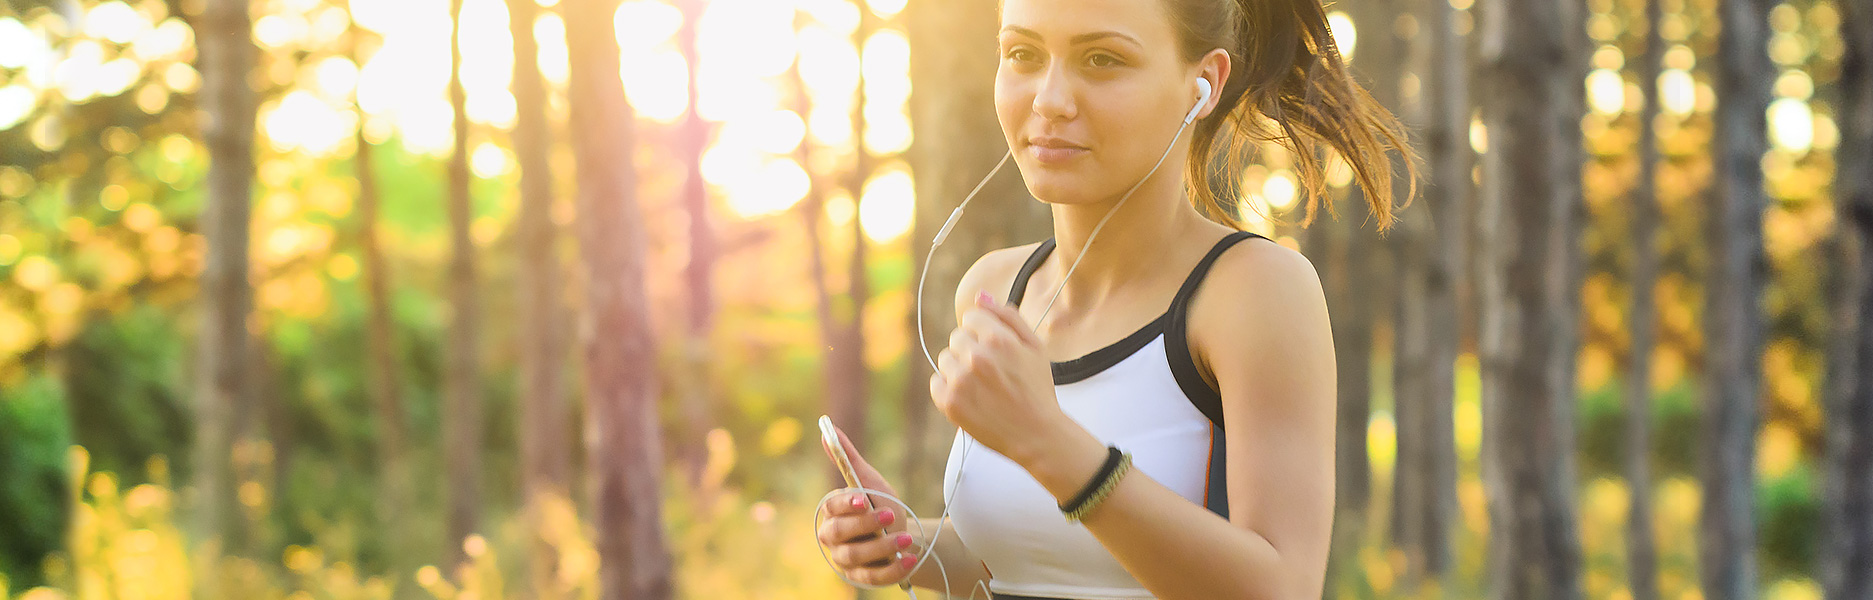 Junge Frau mit Kopfhörern beim Joggen